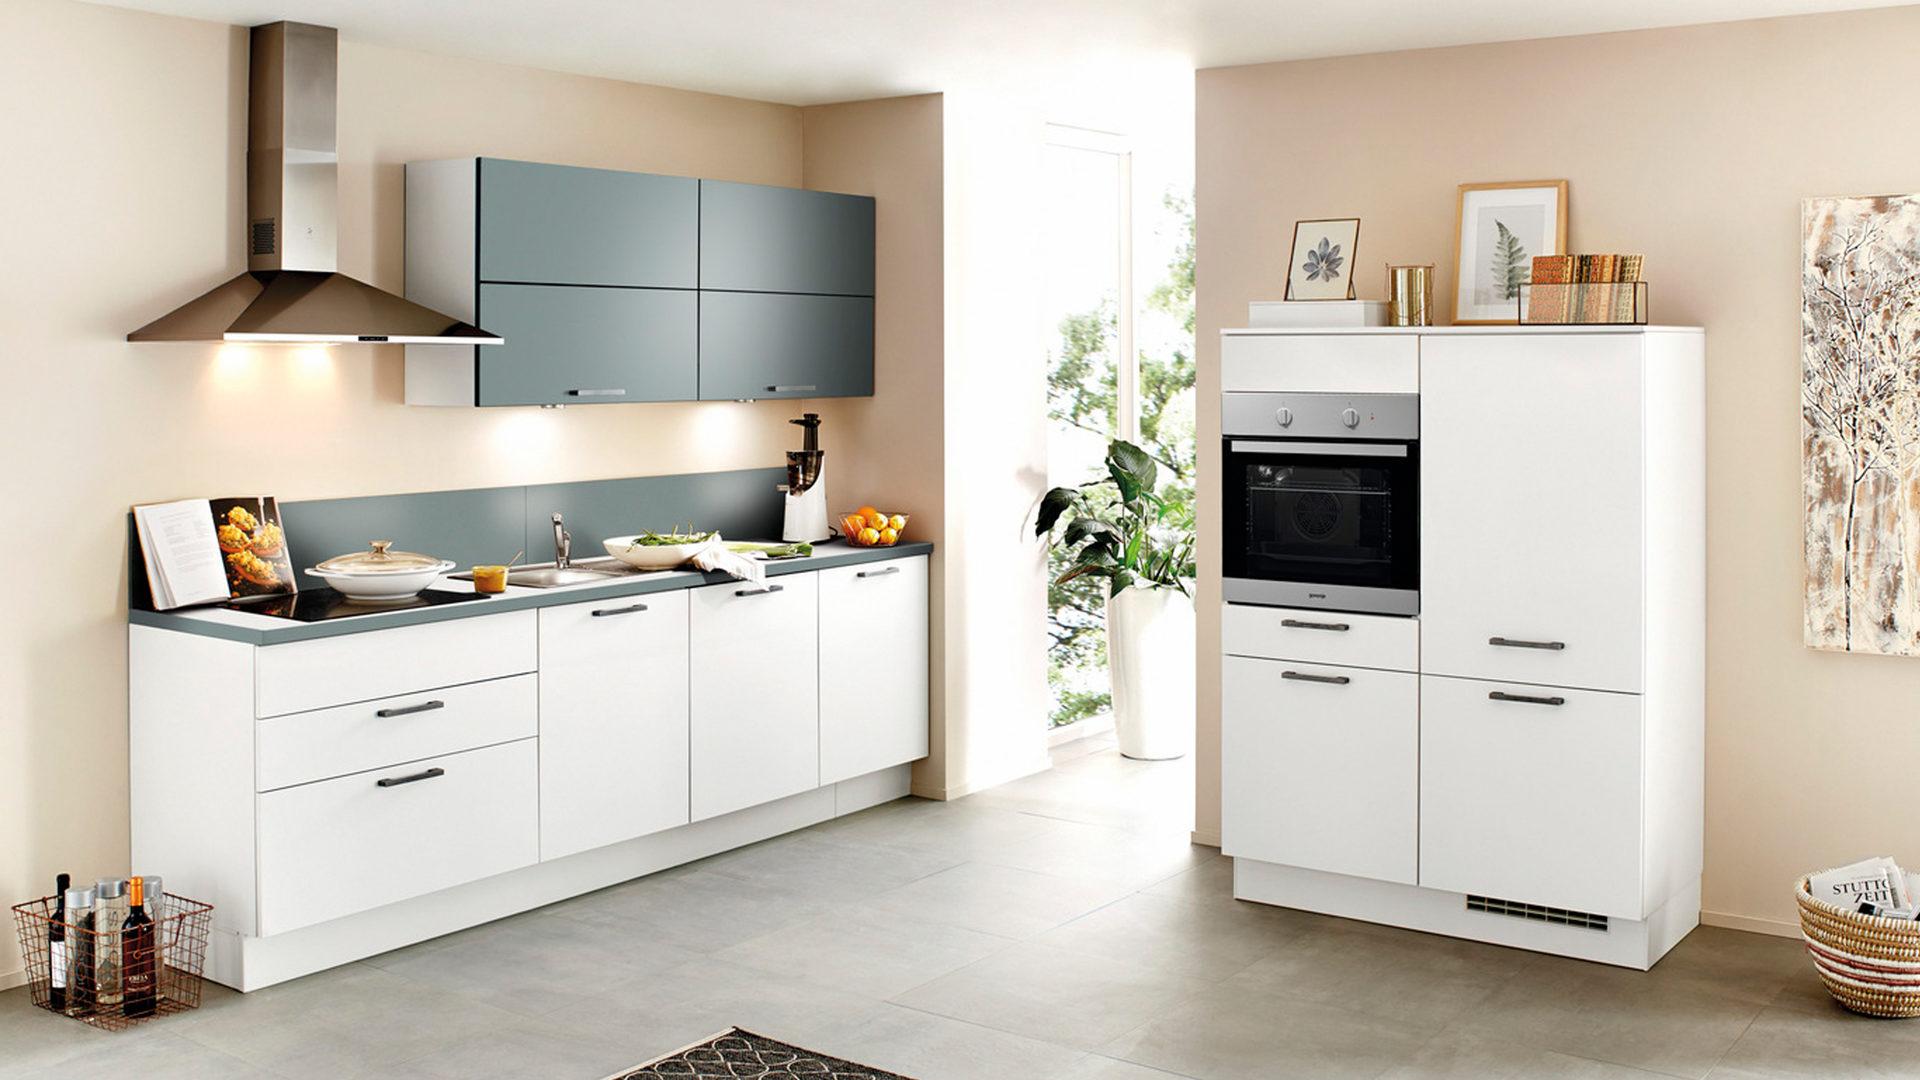 Küchen Coesfeld groß küchen stall coesfeld fotos die designideen für badezimmer